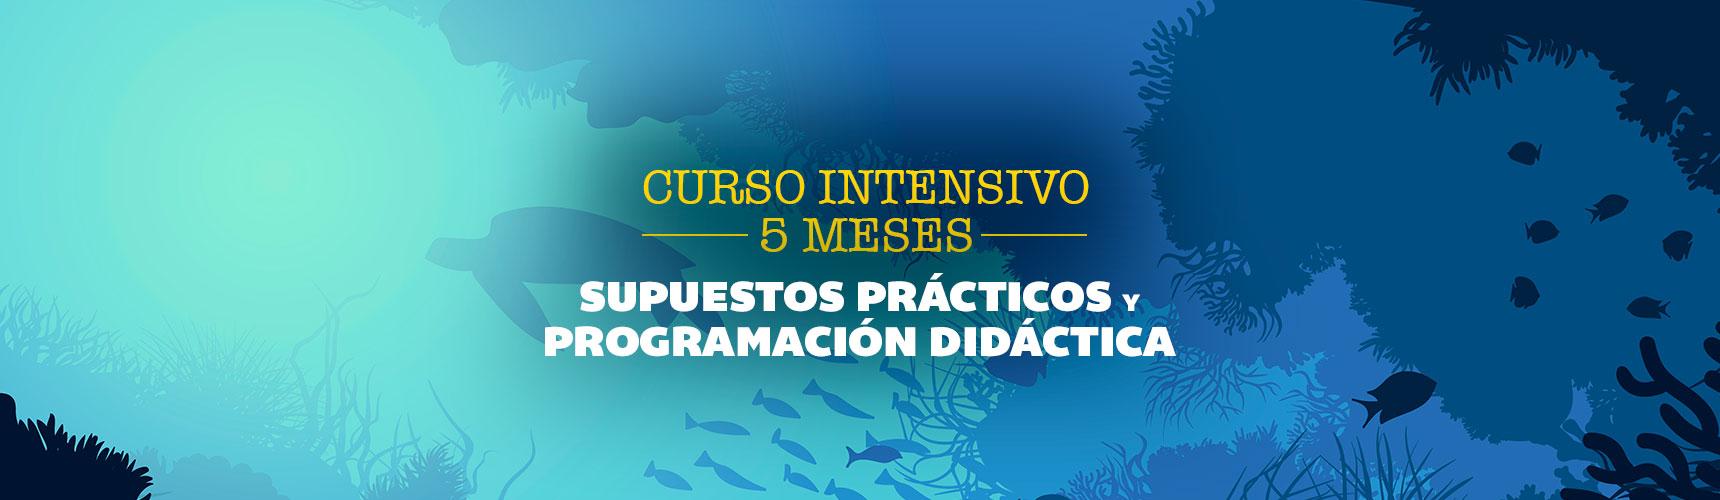 5meses_SUP-Y-PRO_Pupitre_cursos_portada-web_nuevas-fotos_1720x910